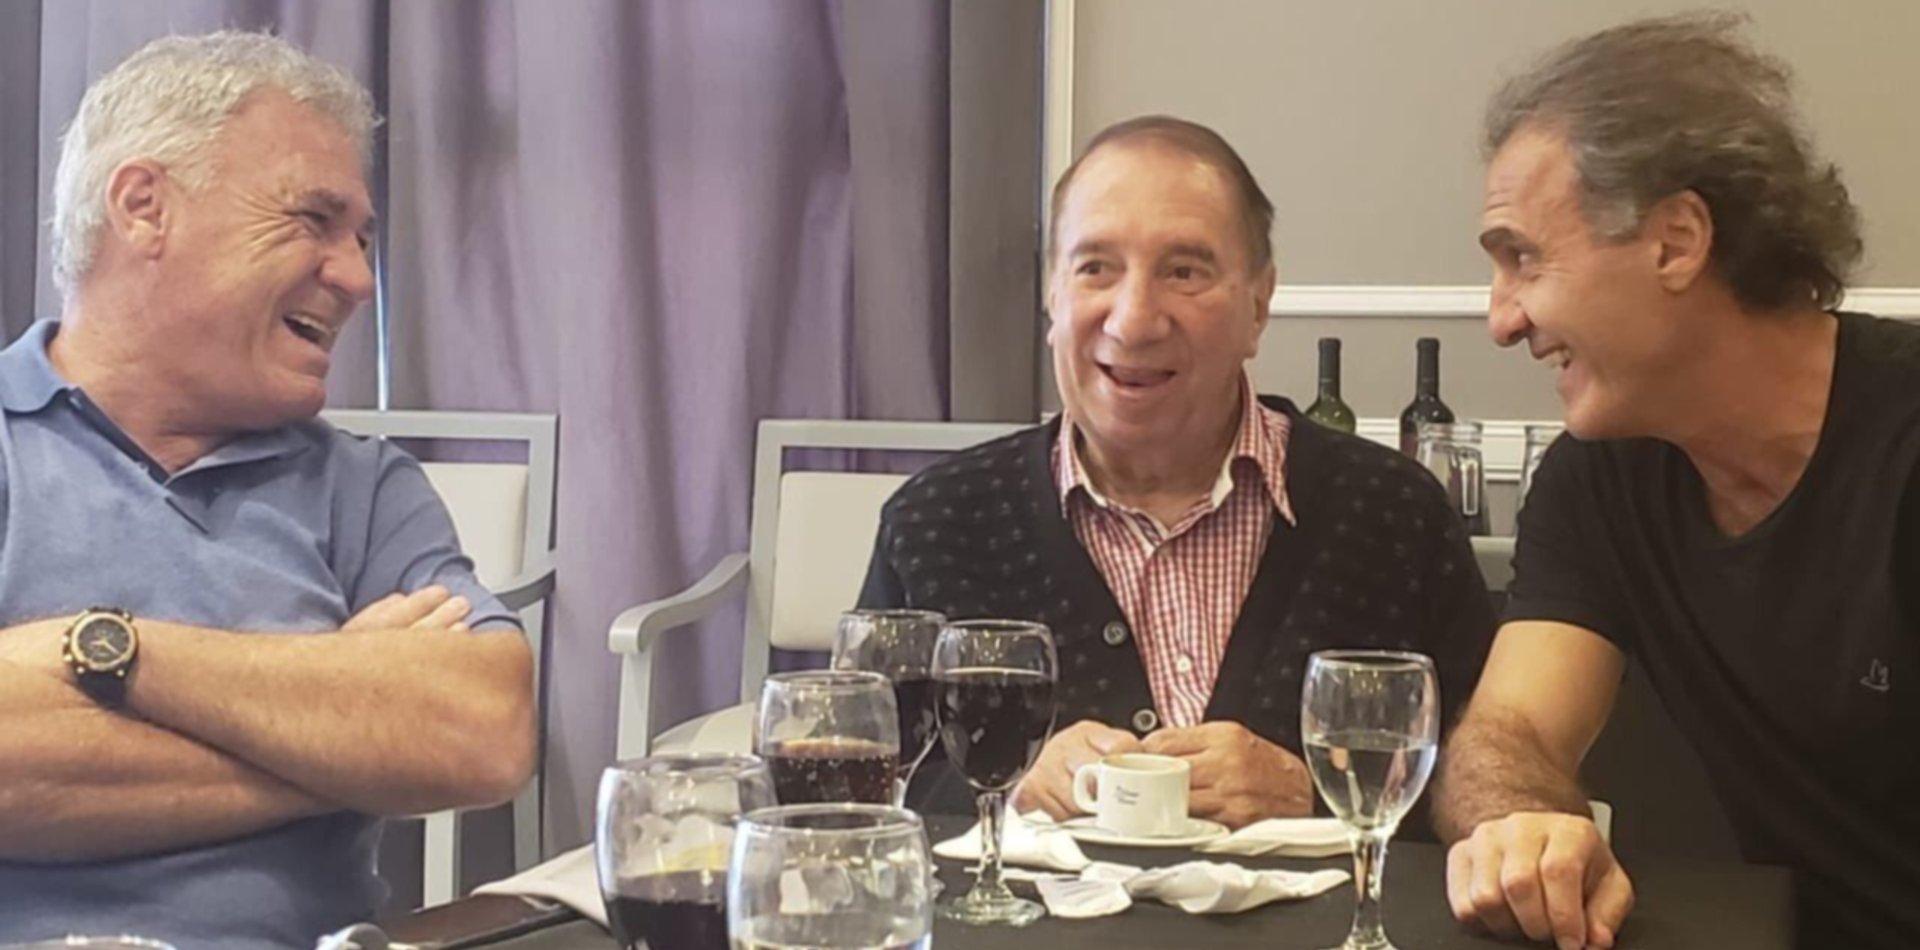 La emotiva reacción de Oscar Ruggeri al video viral de Carlos Bilardo antes del Mundial